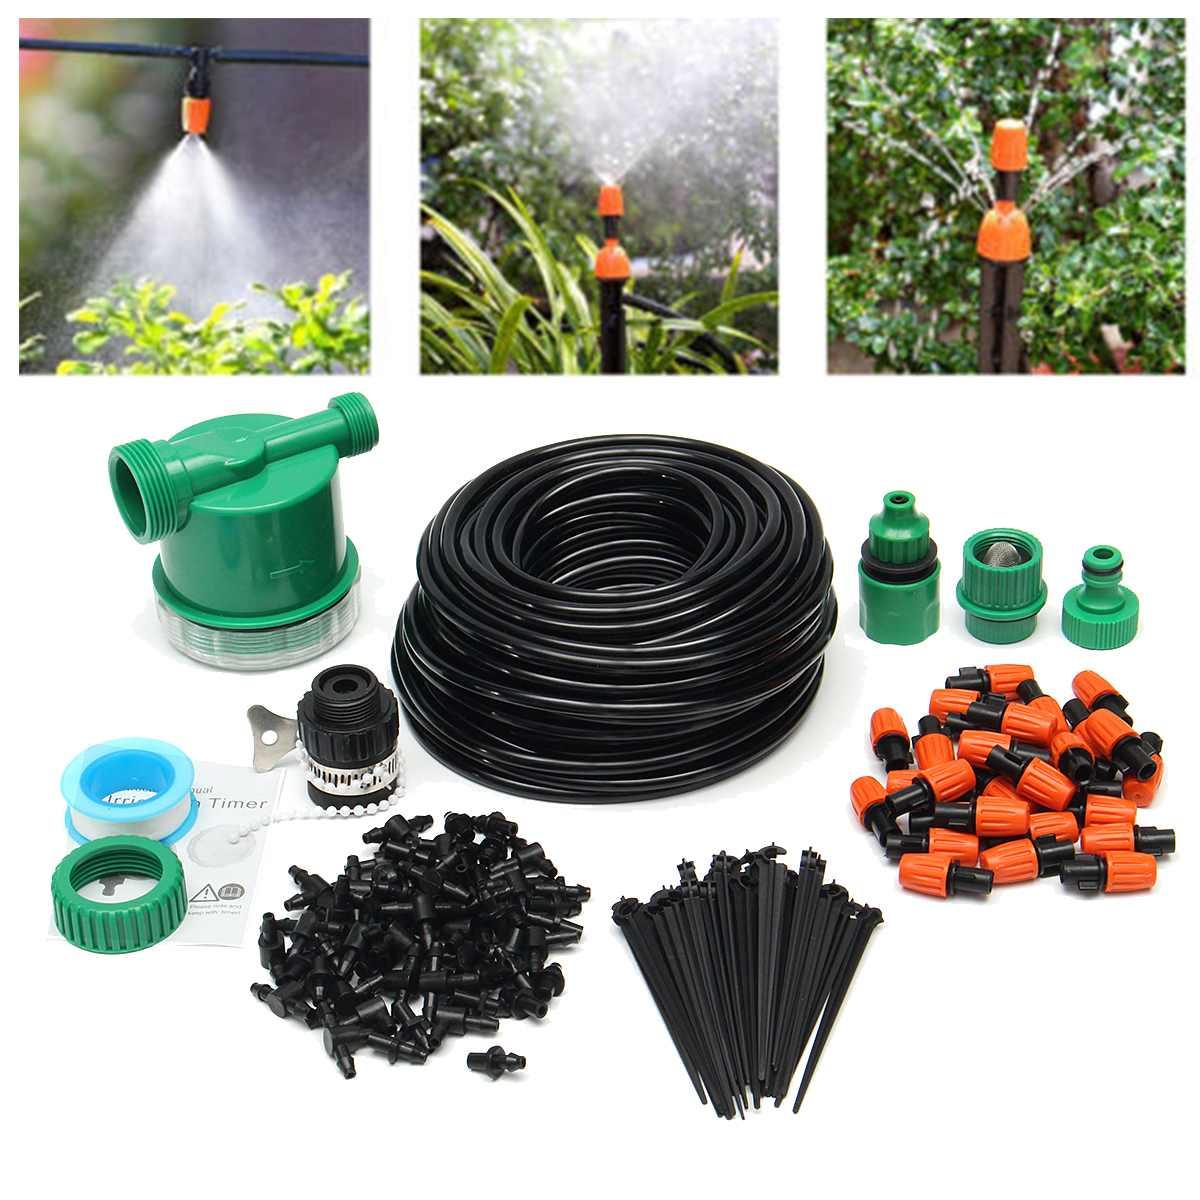 122 pièces 25 M bricolage système d'irrigation goutte à goutte automatique jardin tuyau d'arrosage Micro goutte à goutte système d'arrosage Kits